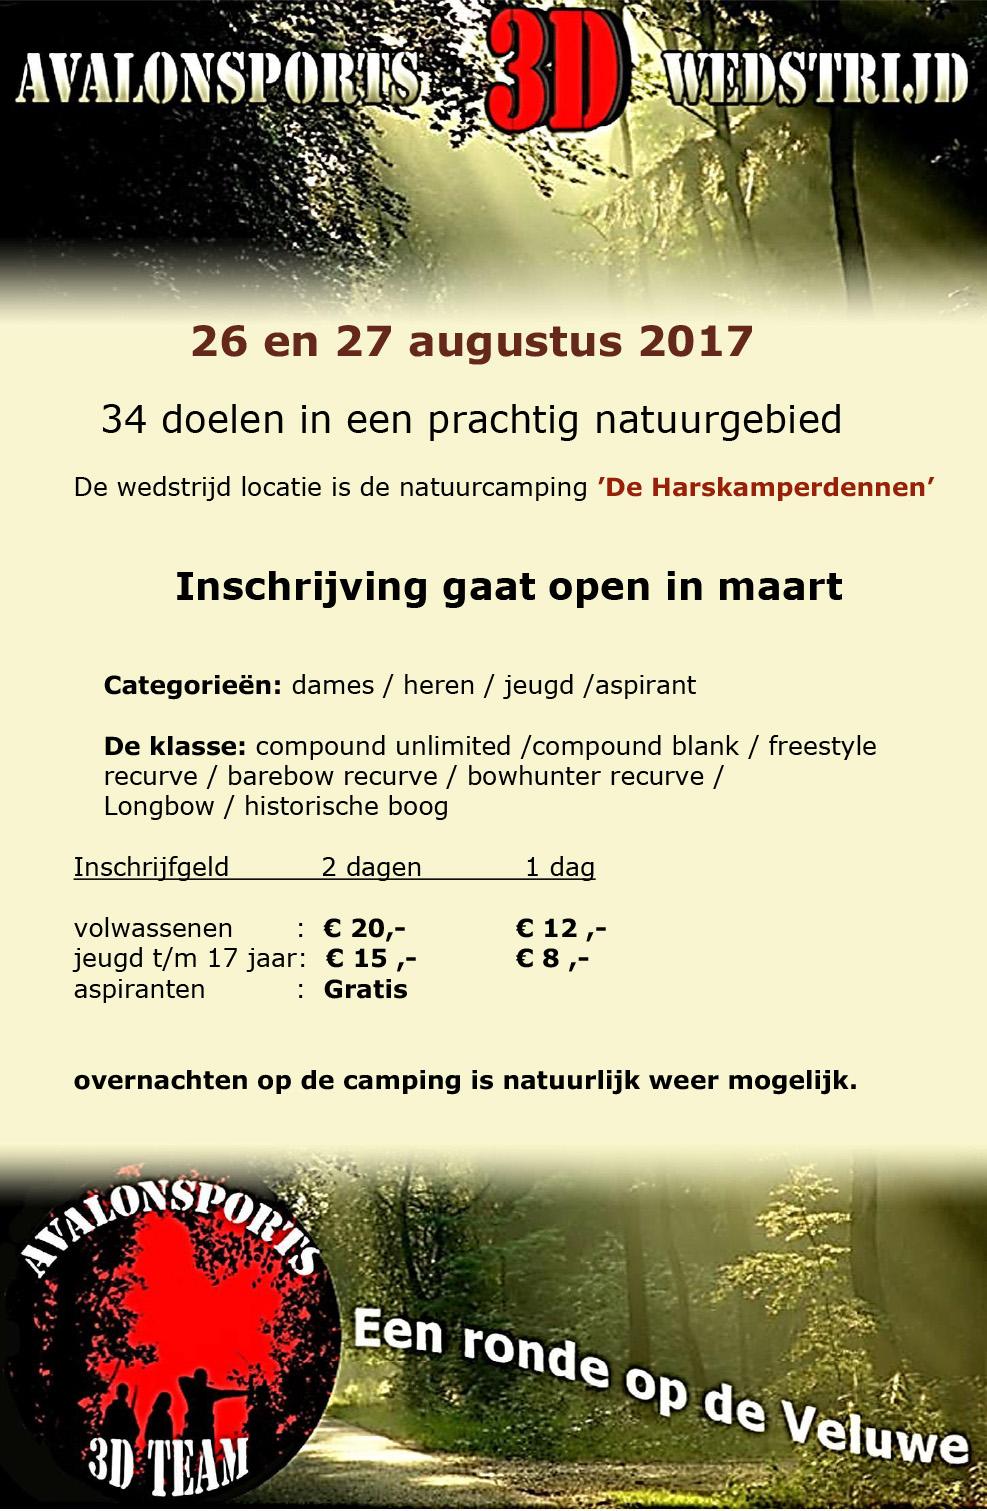 3d-wedstrijd-avalonsports-uitnodiging